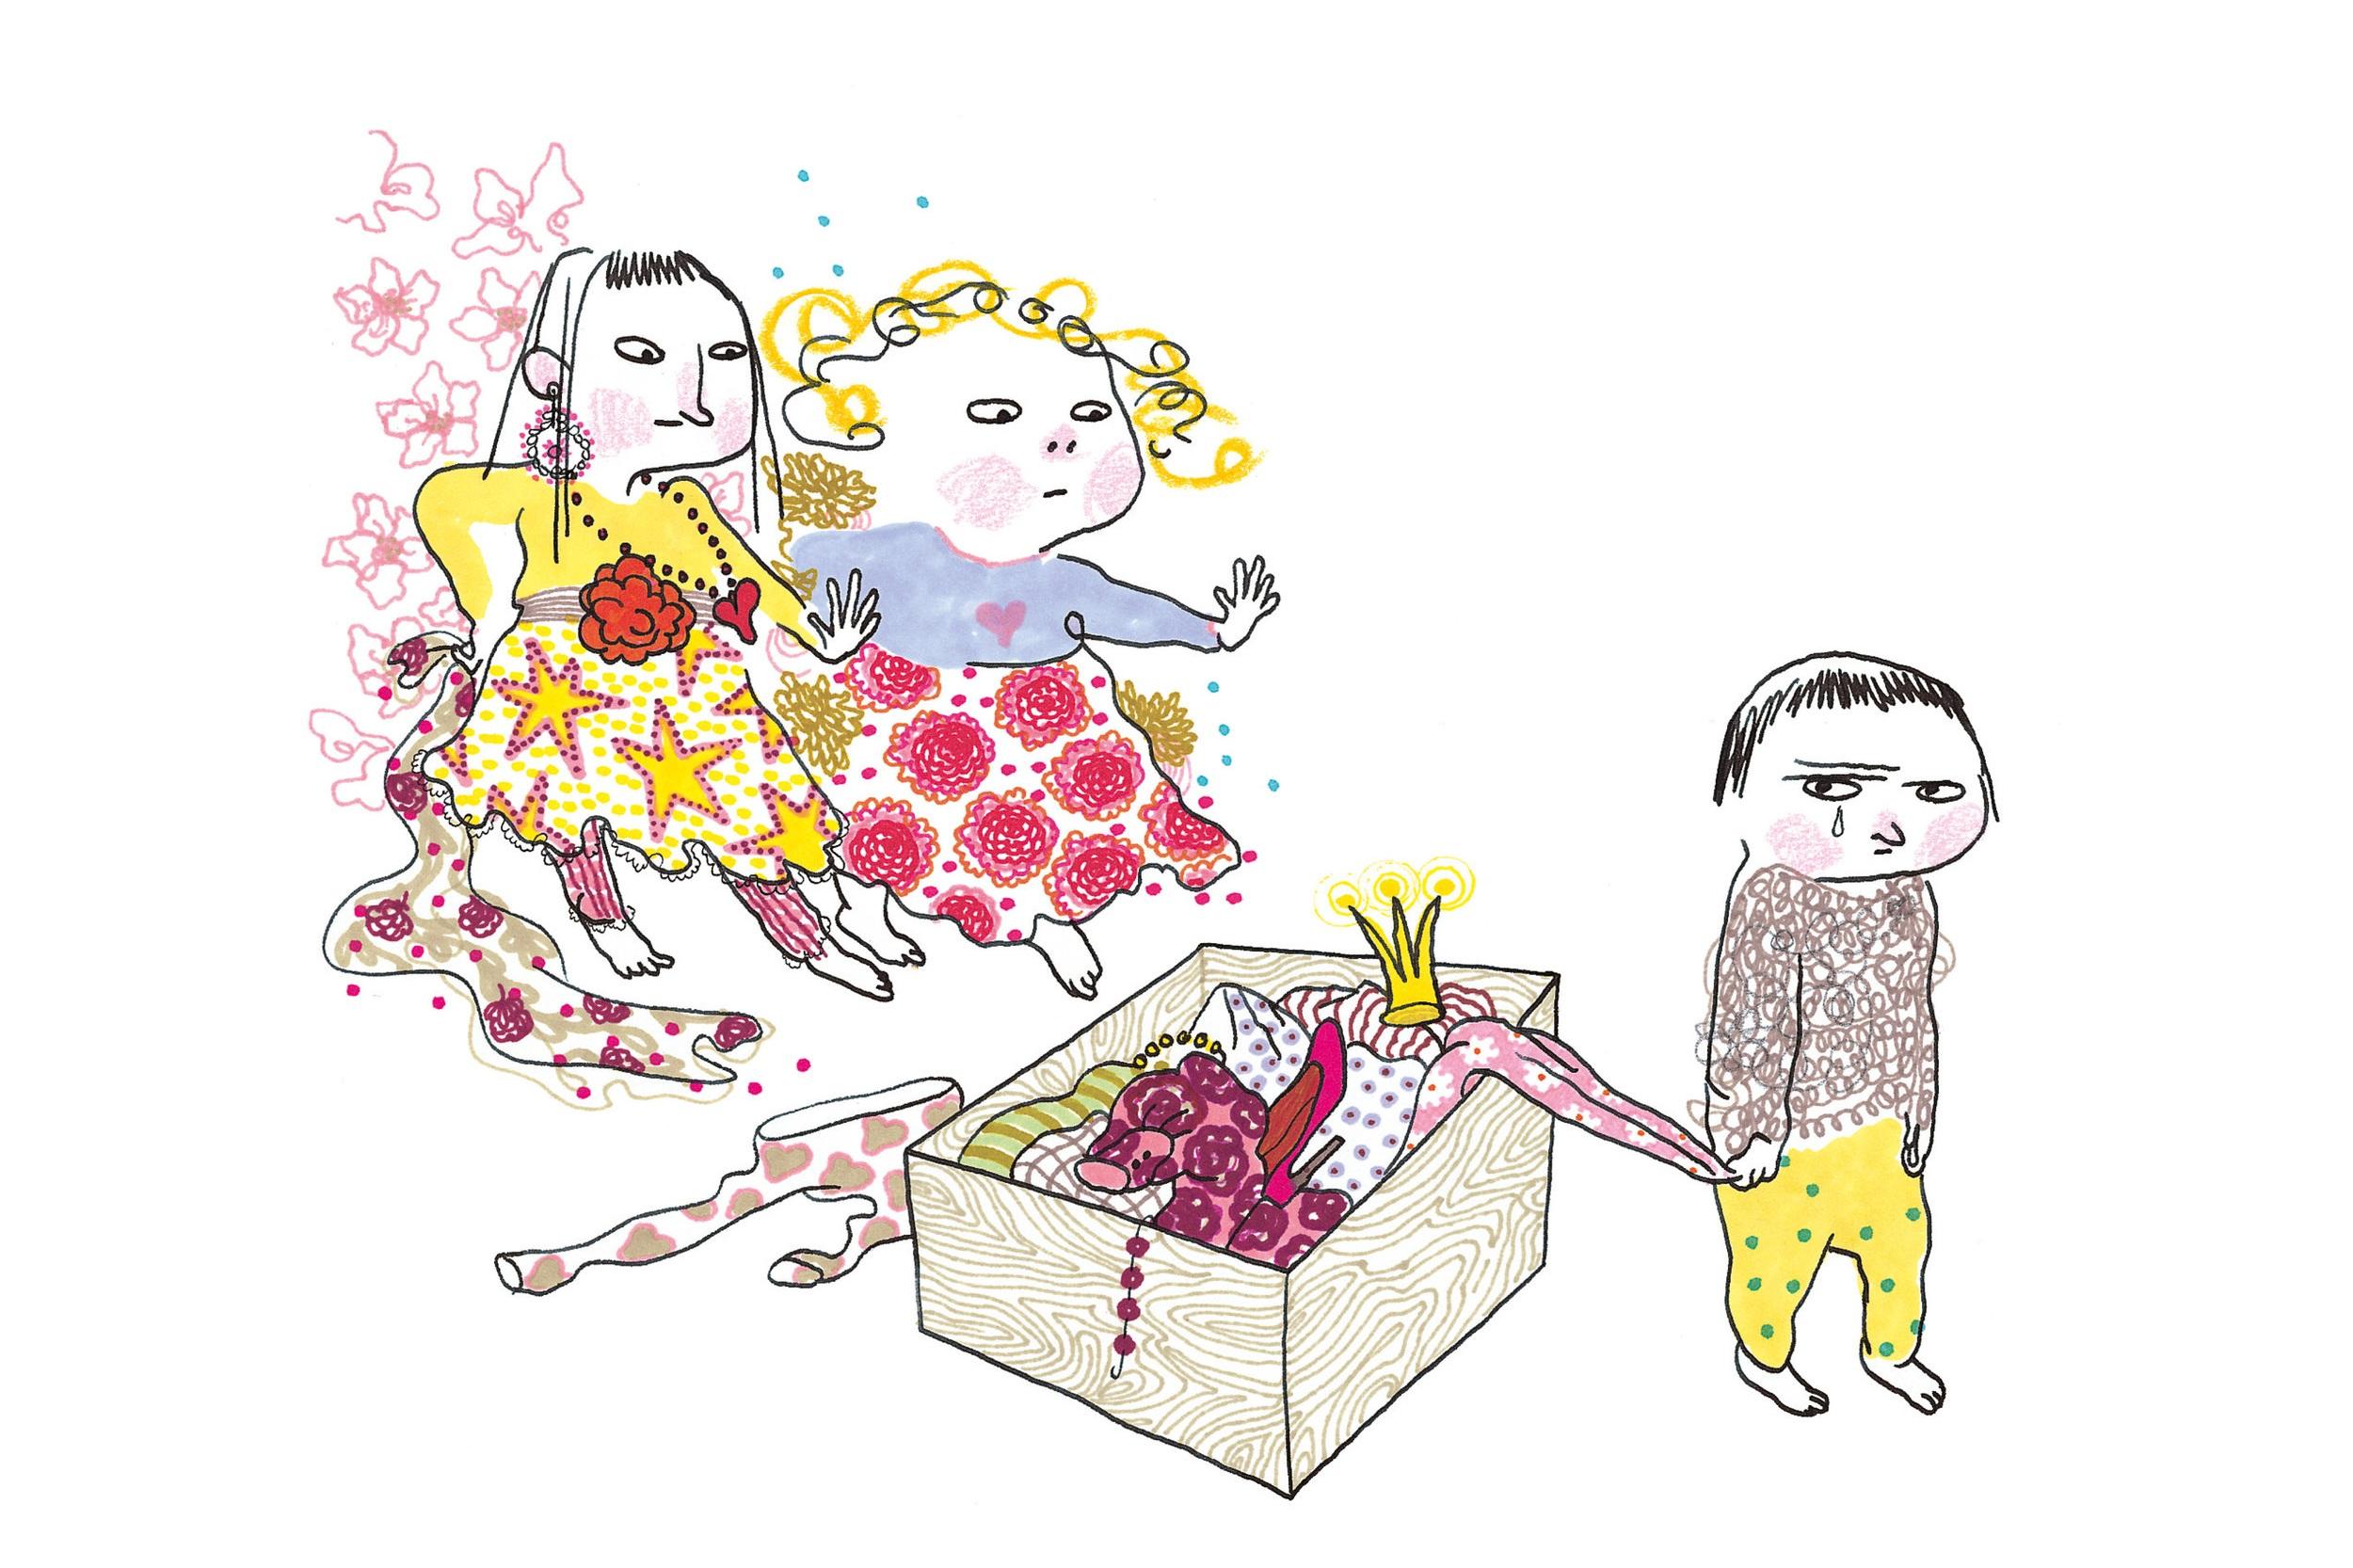 Leka tre - Efter en bok av Carin och Stina Wirsén. Mer info här